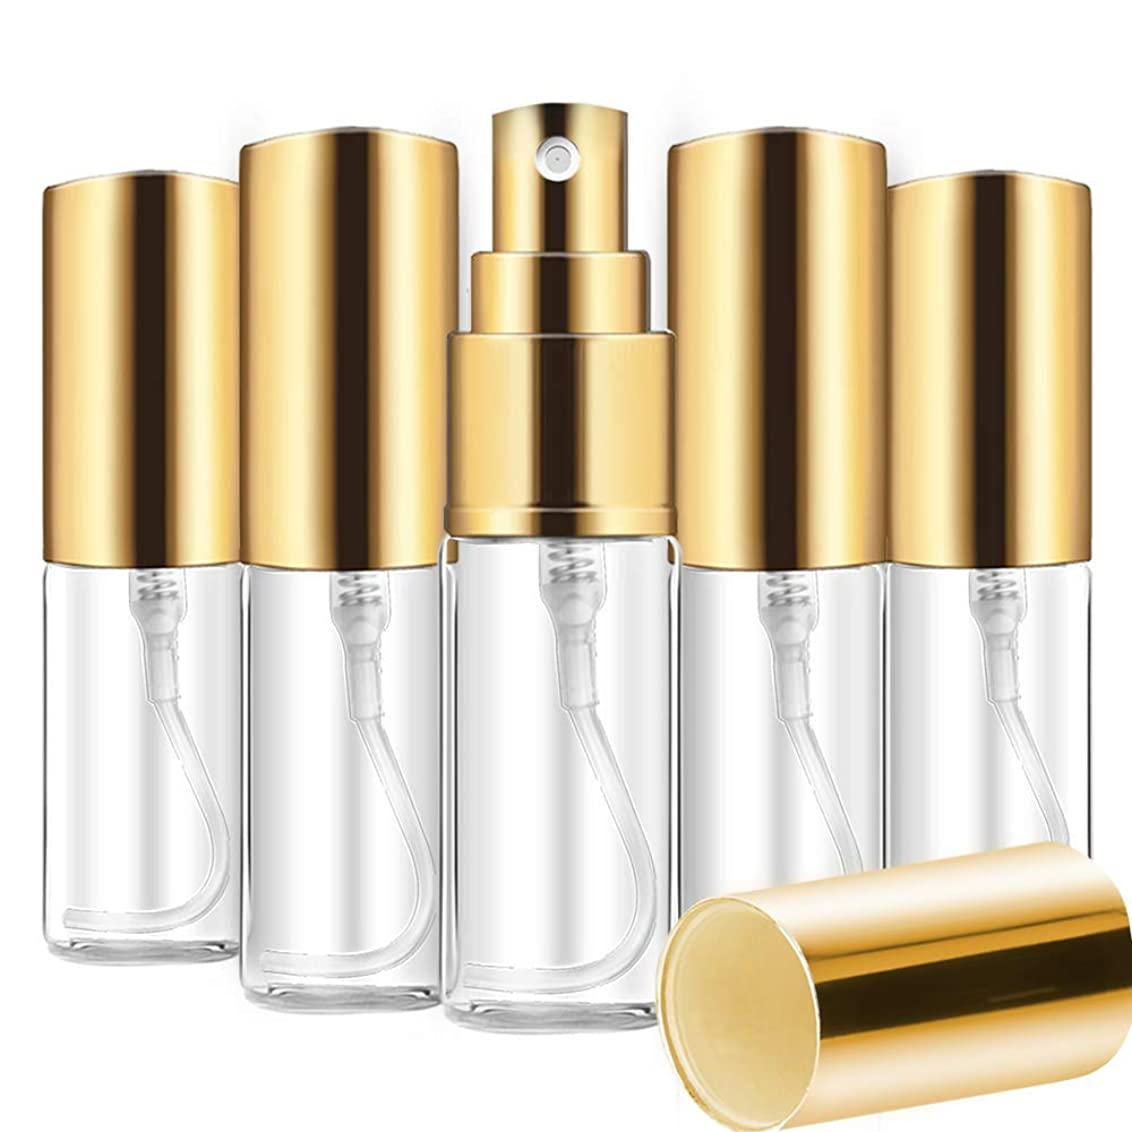 縞模様のフレッシュ配当Aomgsd 香水噴霧器 香水アトマイザー スプレーボトル ガラス 香水詰め替え ミニ 携帯便利 軽量 上品 5ml 5本 (ゴールド)